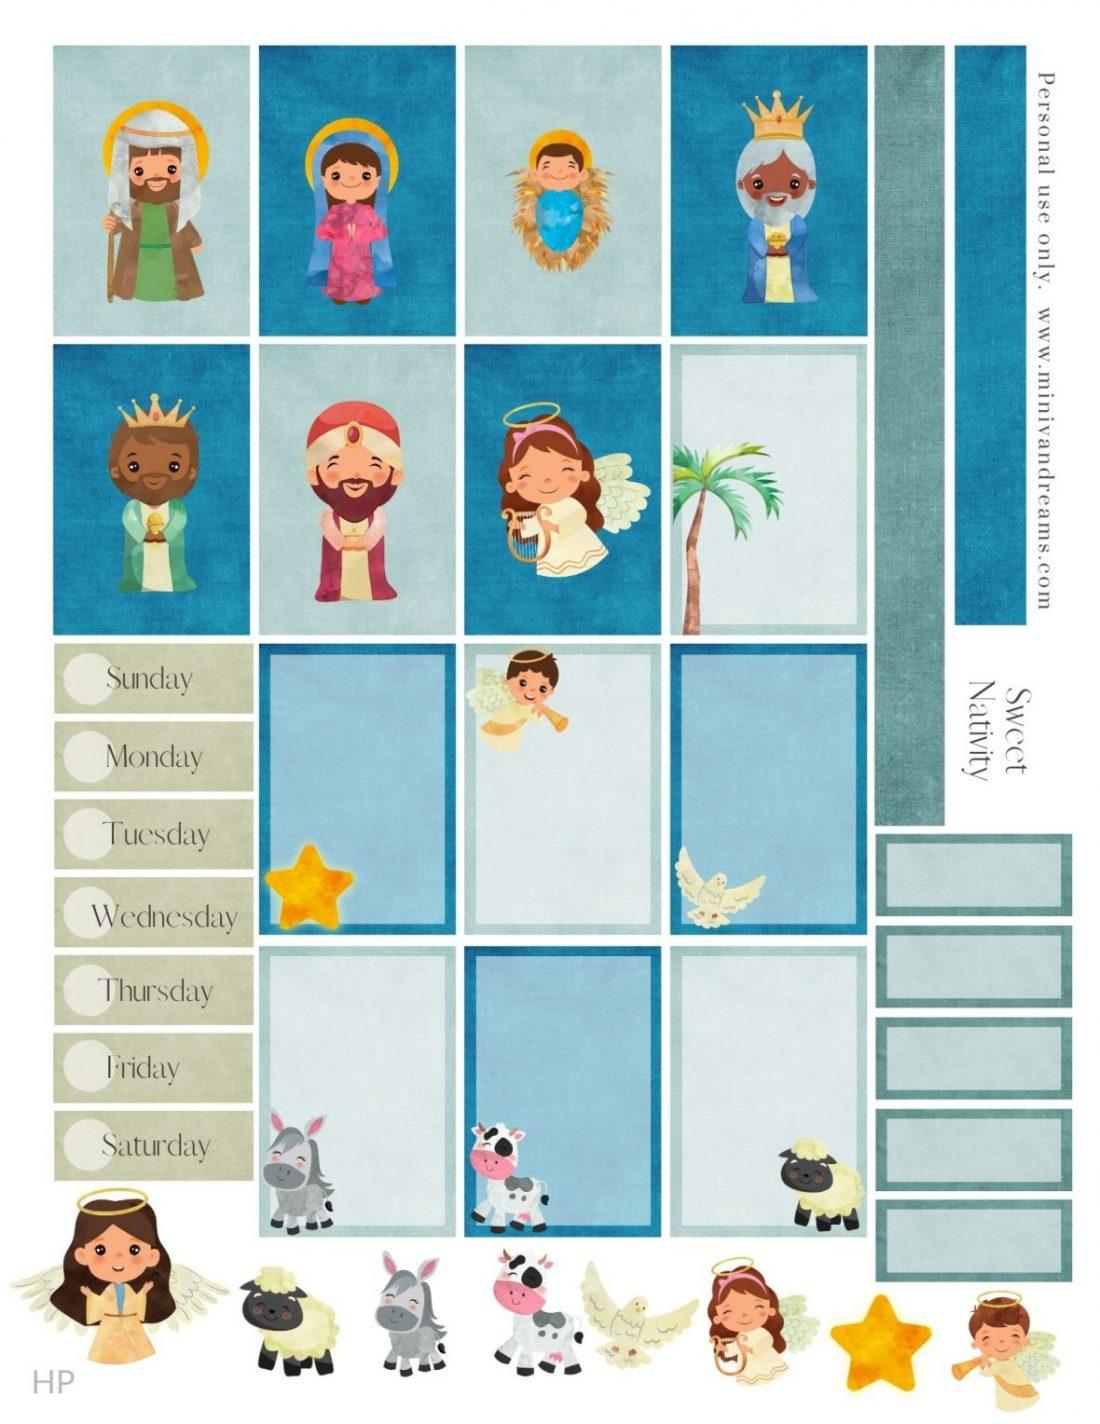 Free Printable  Sweet Nativity Planner Stickers   Mini Van Dreams